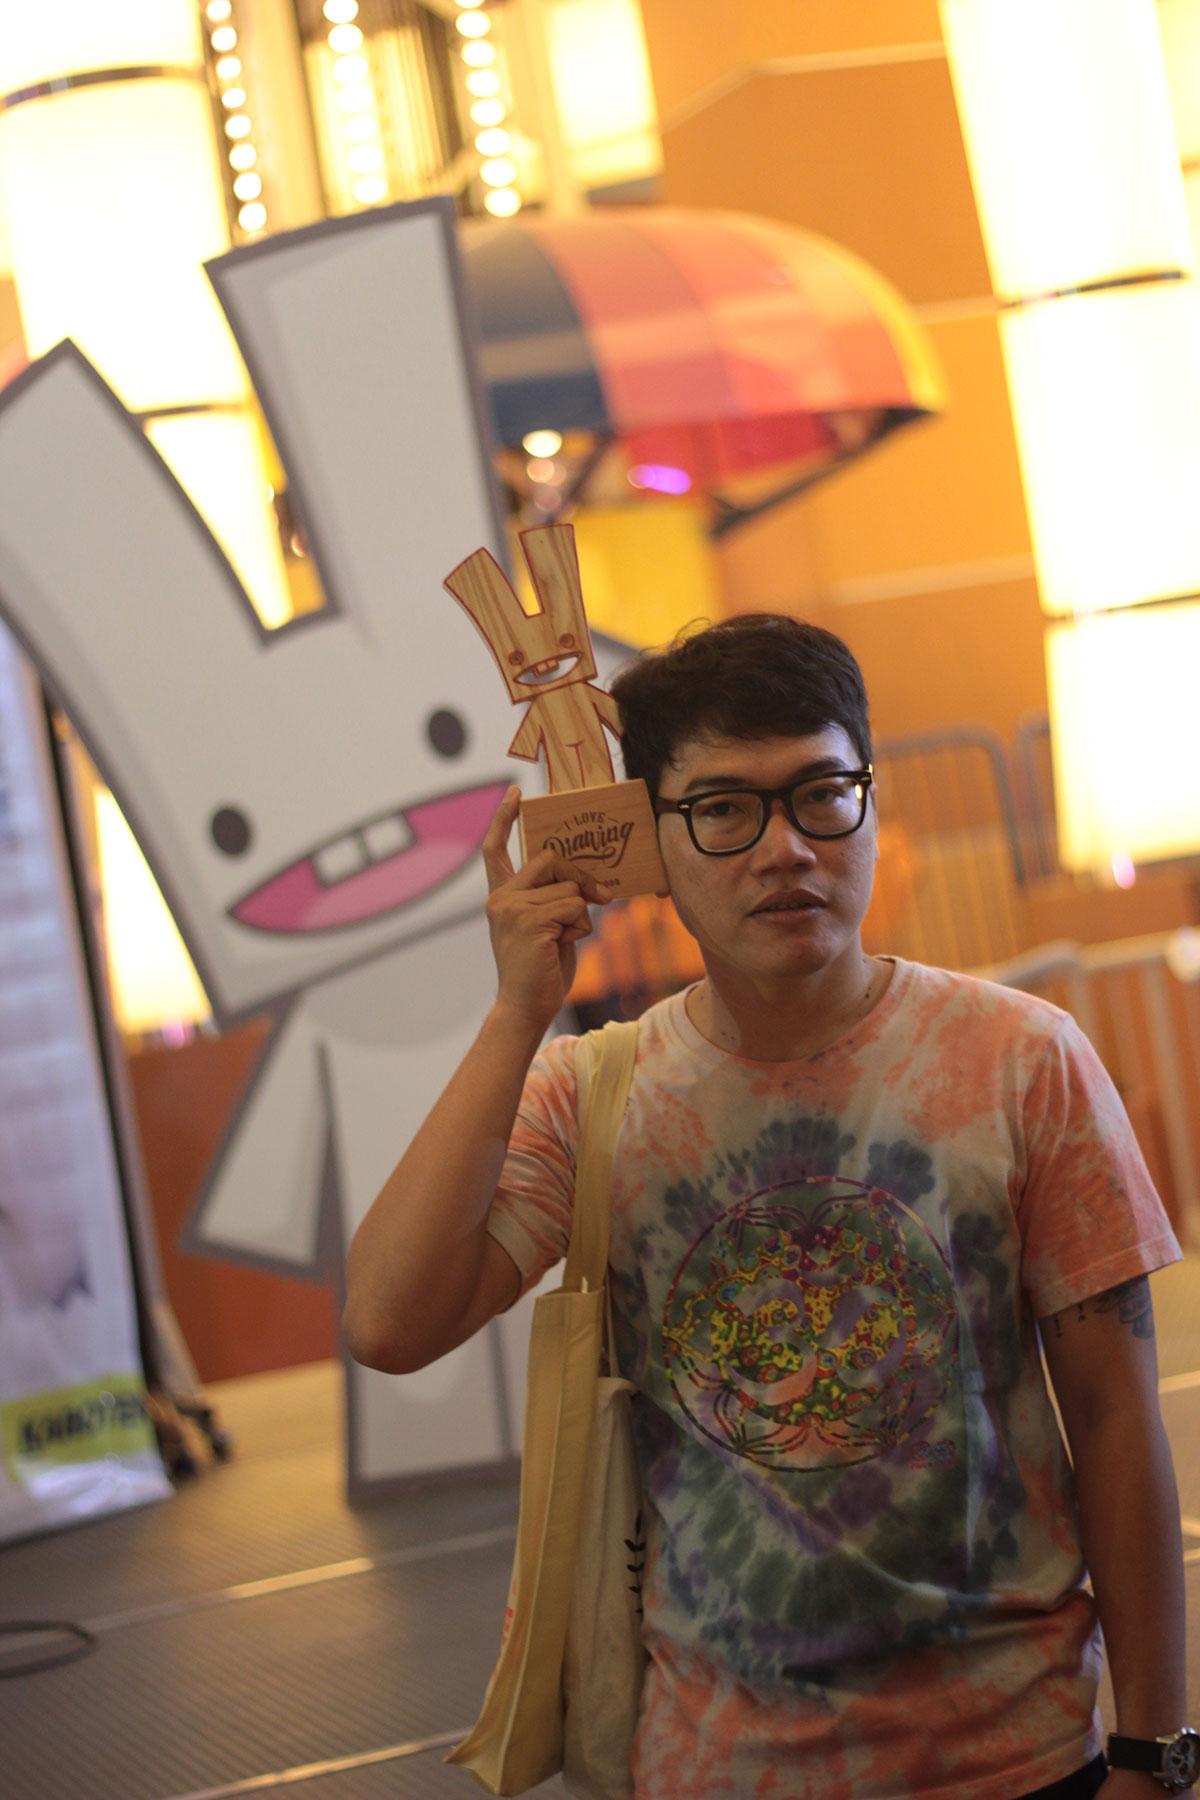 Komikazer with Karotenoid Placard